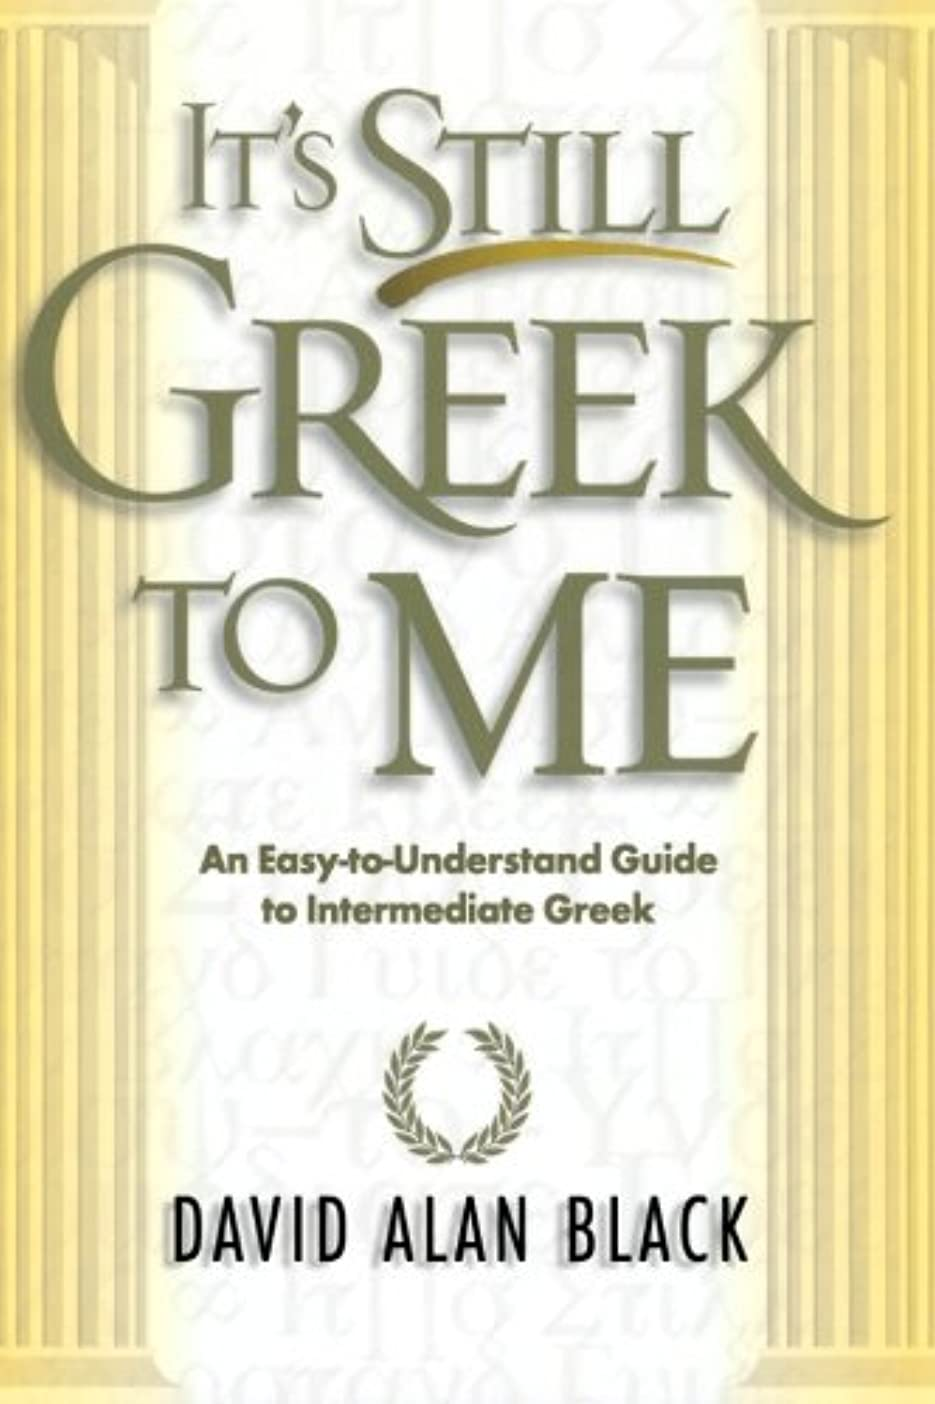 飽和するフィードラボIt's Still Greek to Me: An Easy-To-Understand Guide to Intermediate Greek